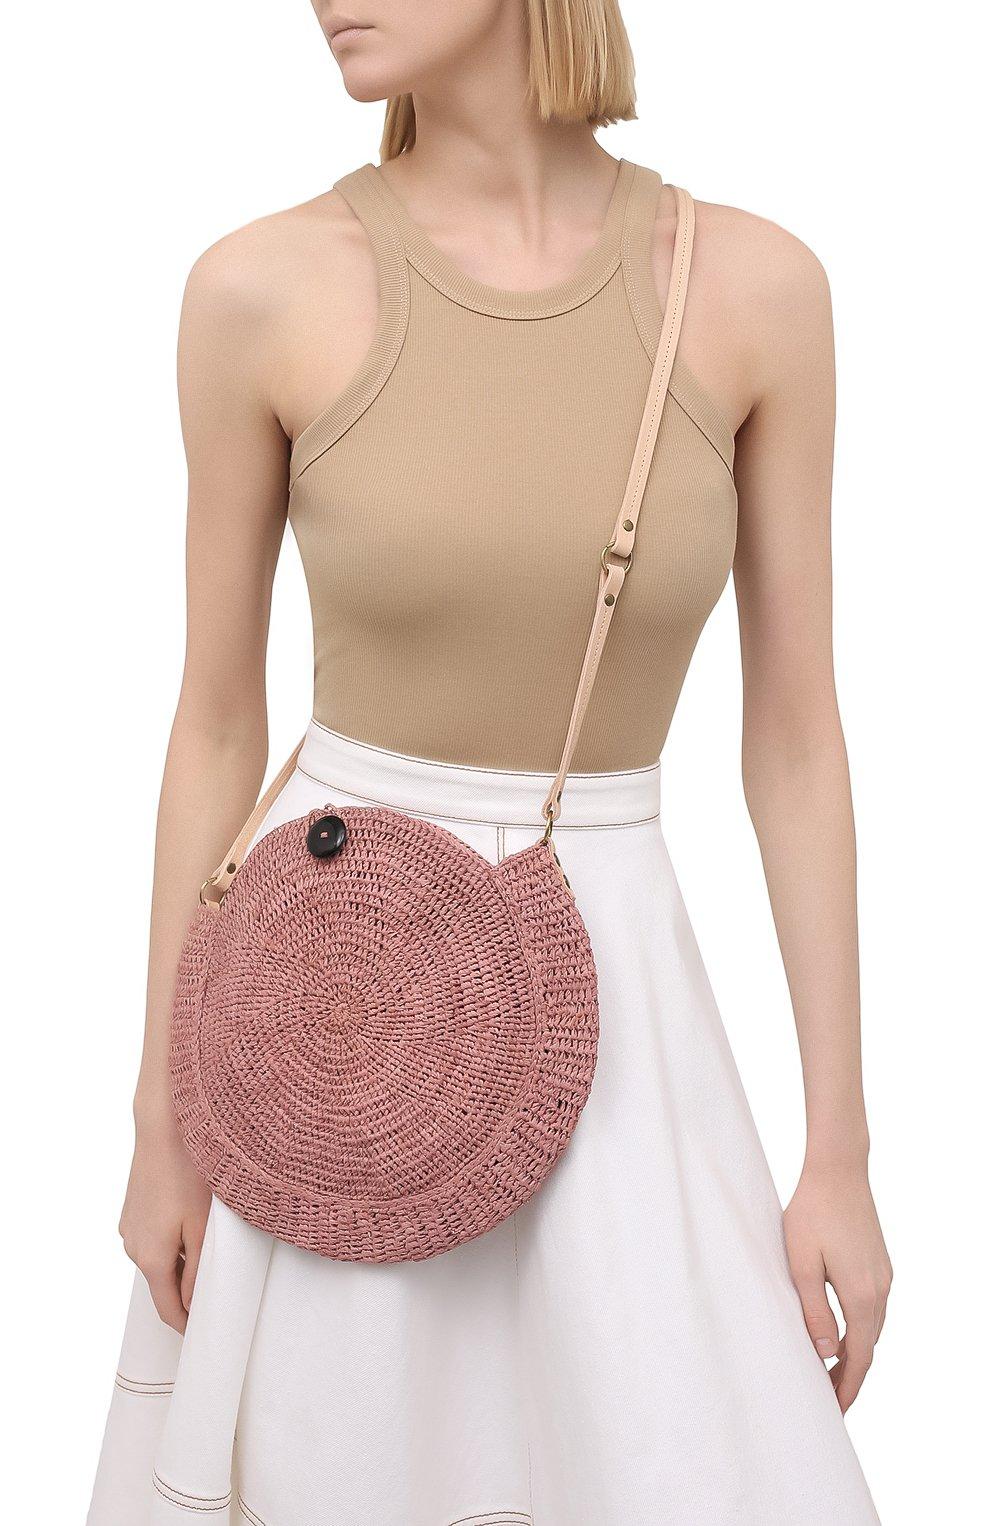 Женская сумка nova small SANS-ARCIDET коричневого цвета, арт. N0VA BAG MA-C S21/XS   Фото 2 (Сумки-технические: Сумки через плечо; Материал: Растительное волокно; Ремень/цепочка: На ремешке; Размер: small)